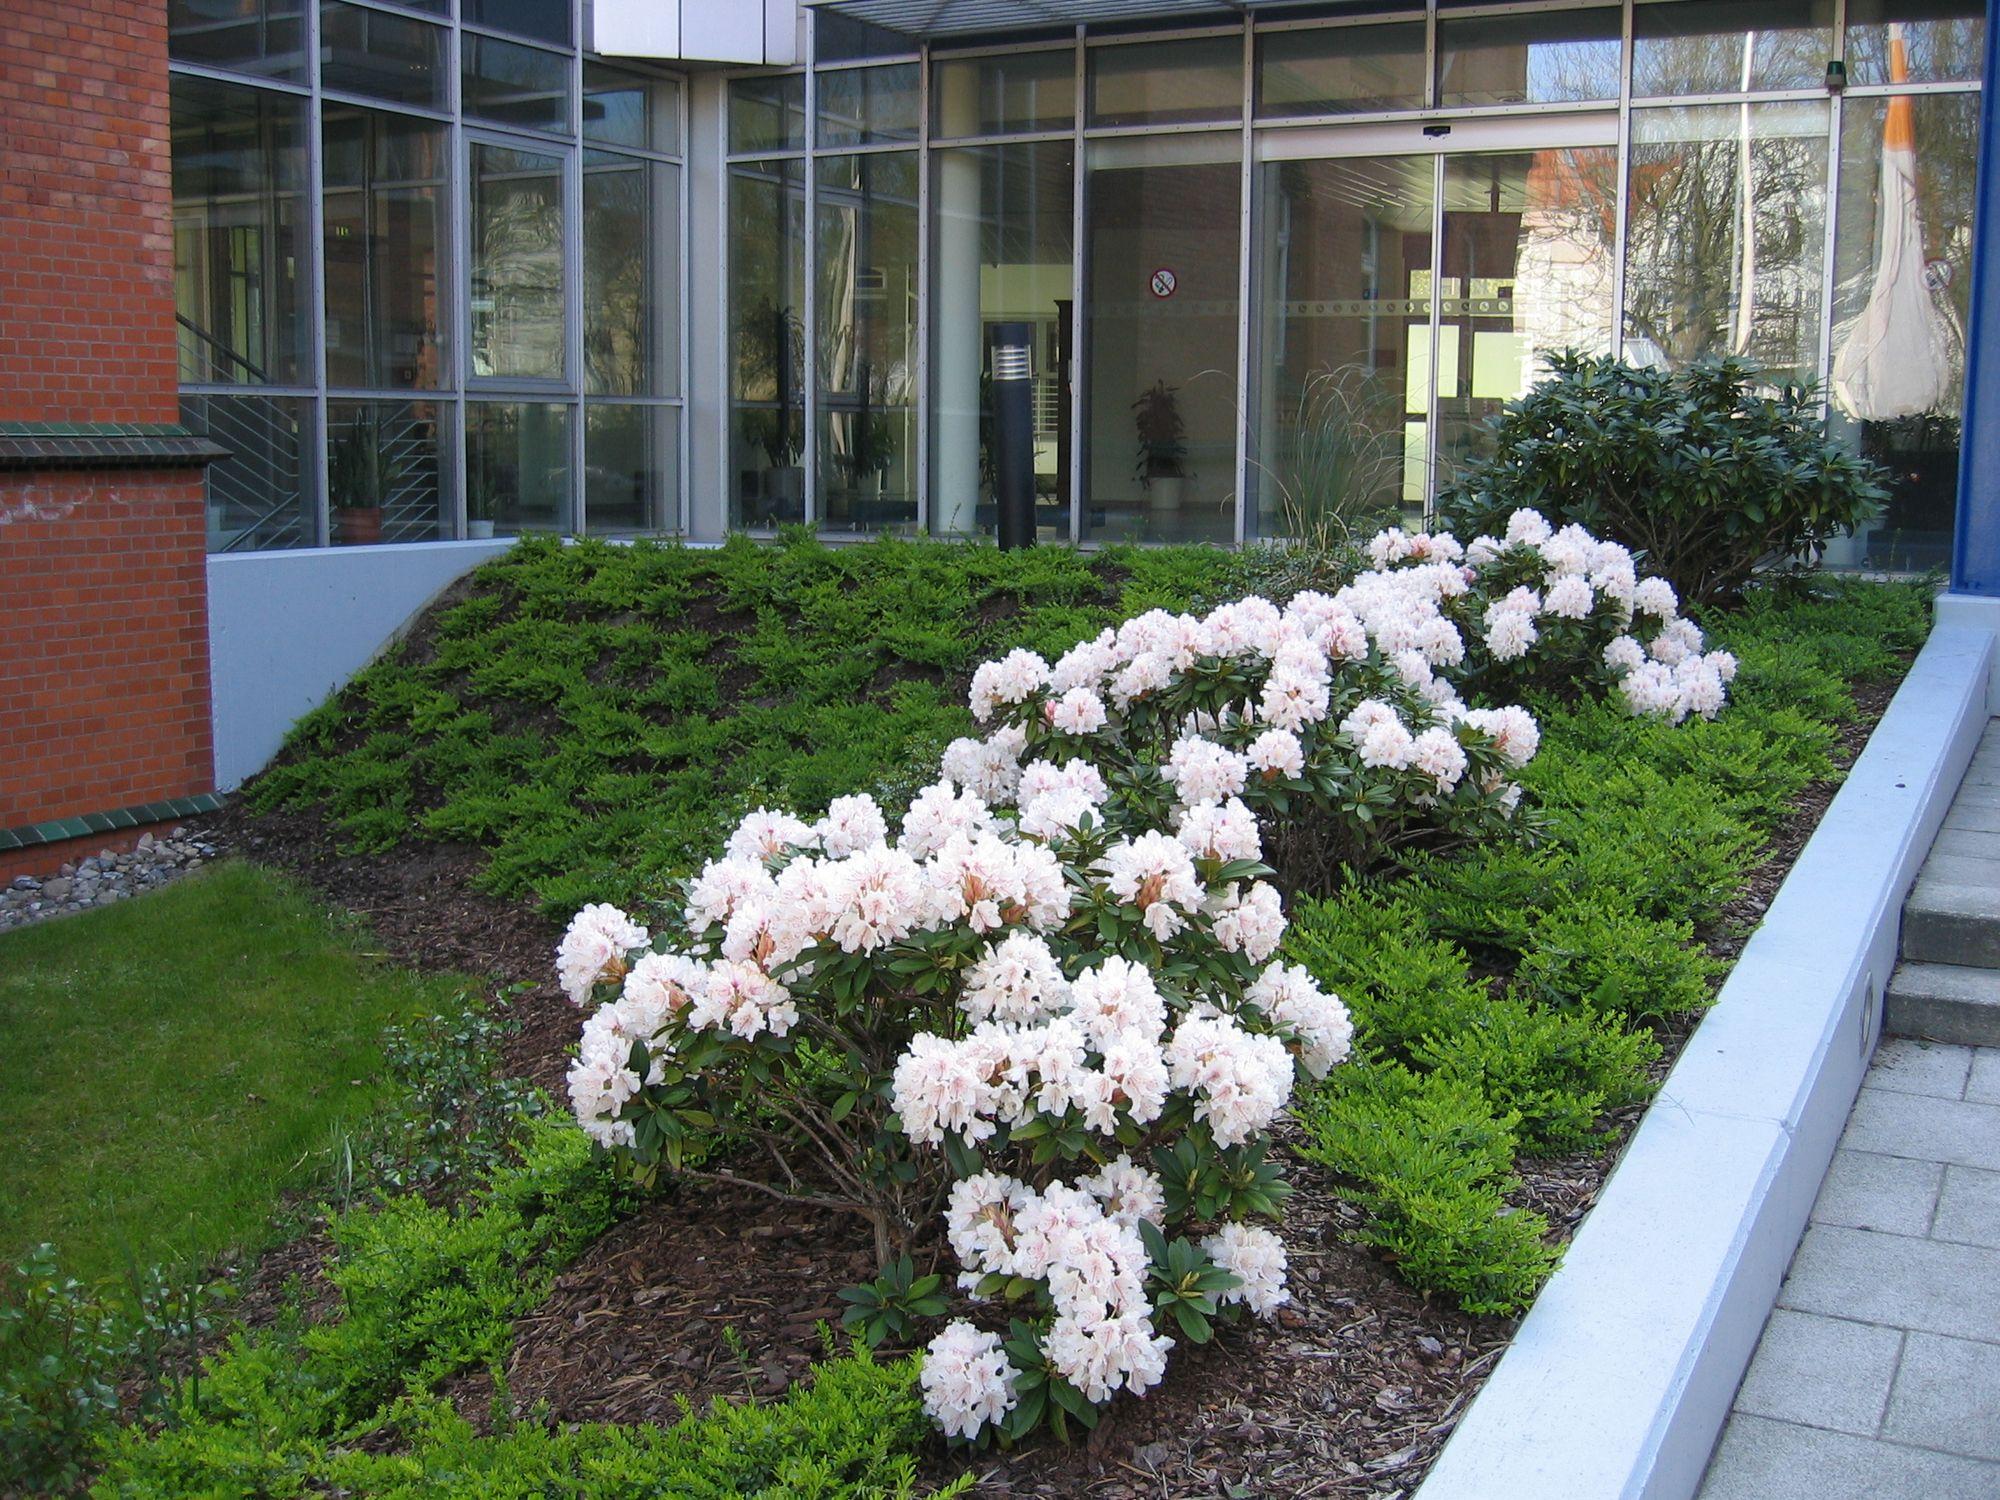 Bepflanzung und Gartenpflege von Gewerbeanlagen in Berlin: Pflegarbeiten und Düngung der Gartenbereiche, Schnittarbeiten, Rasenpflege